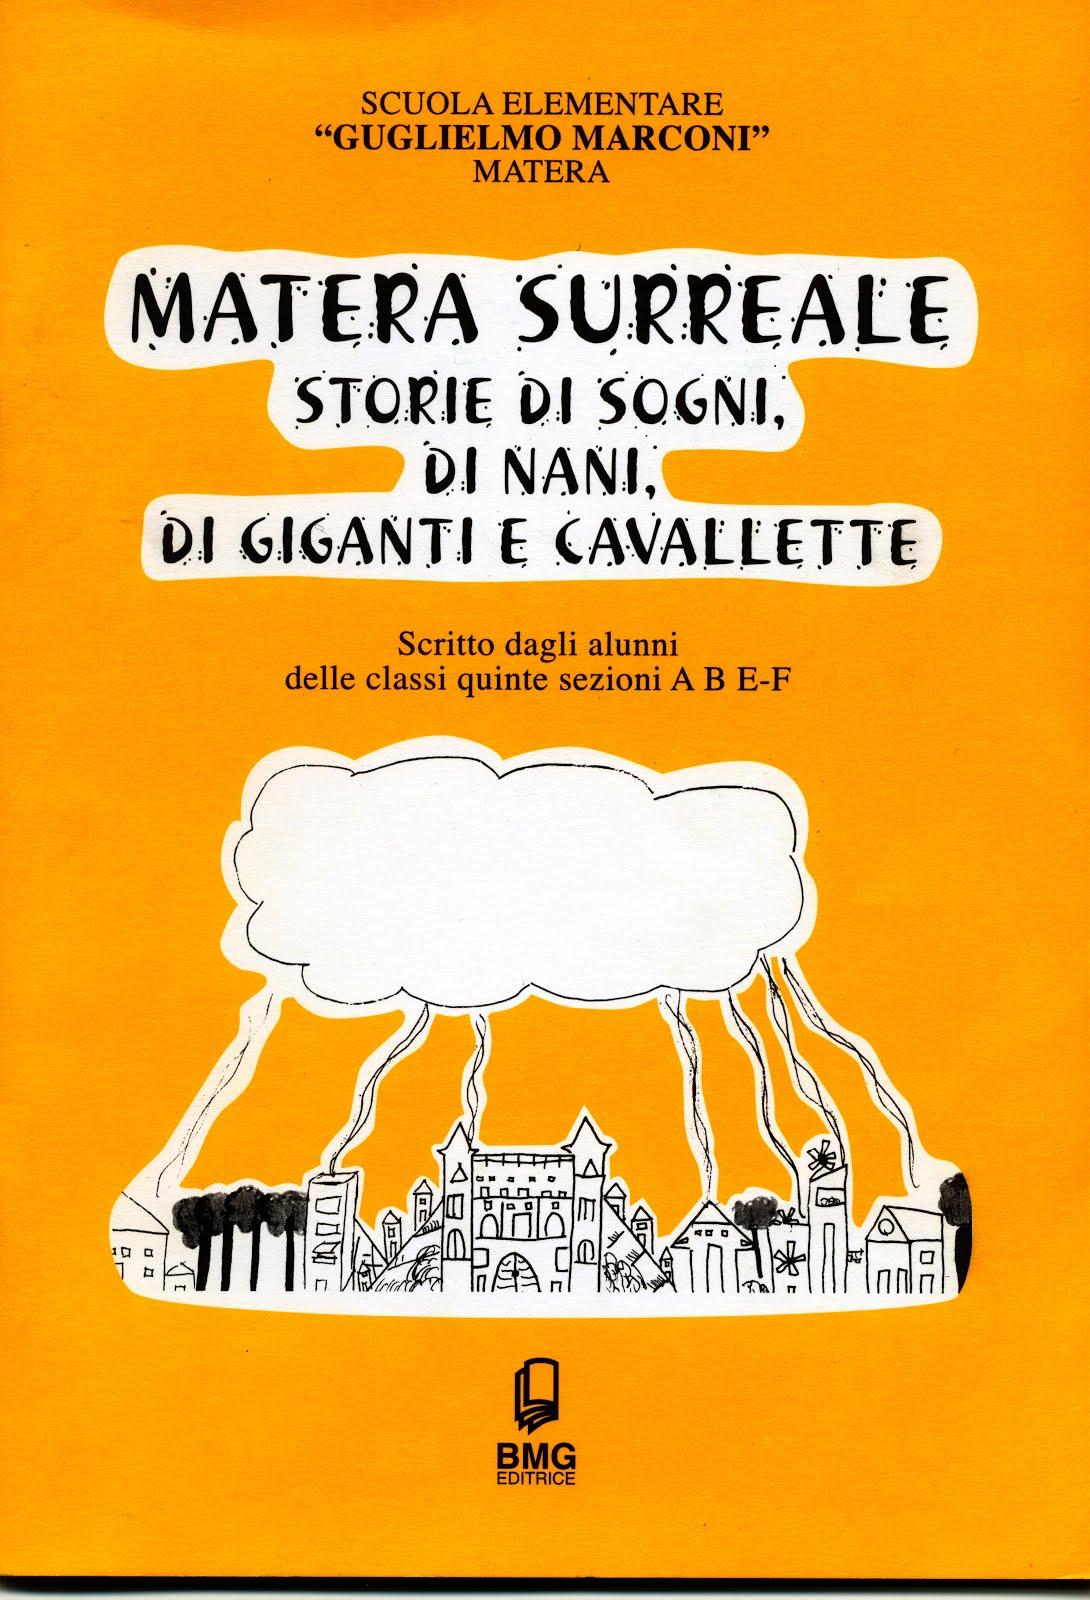 Matera surreale - storie di sogni di nani di giganti e cavallette